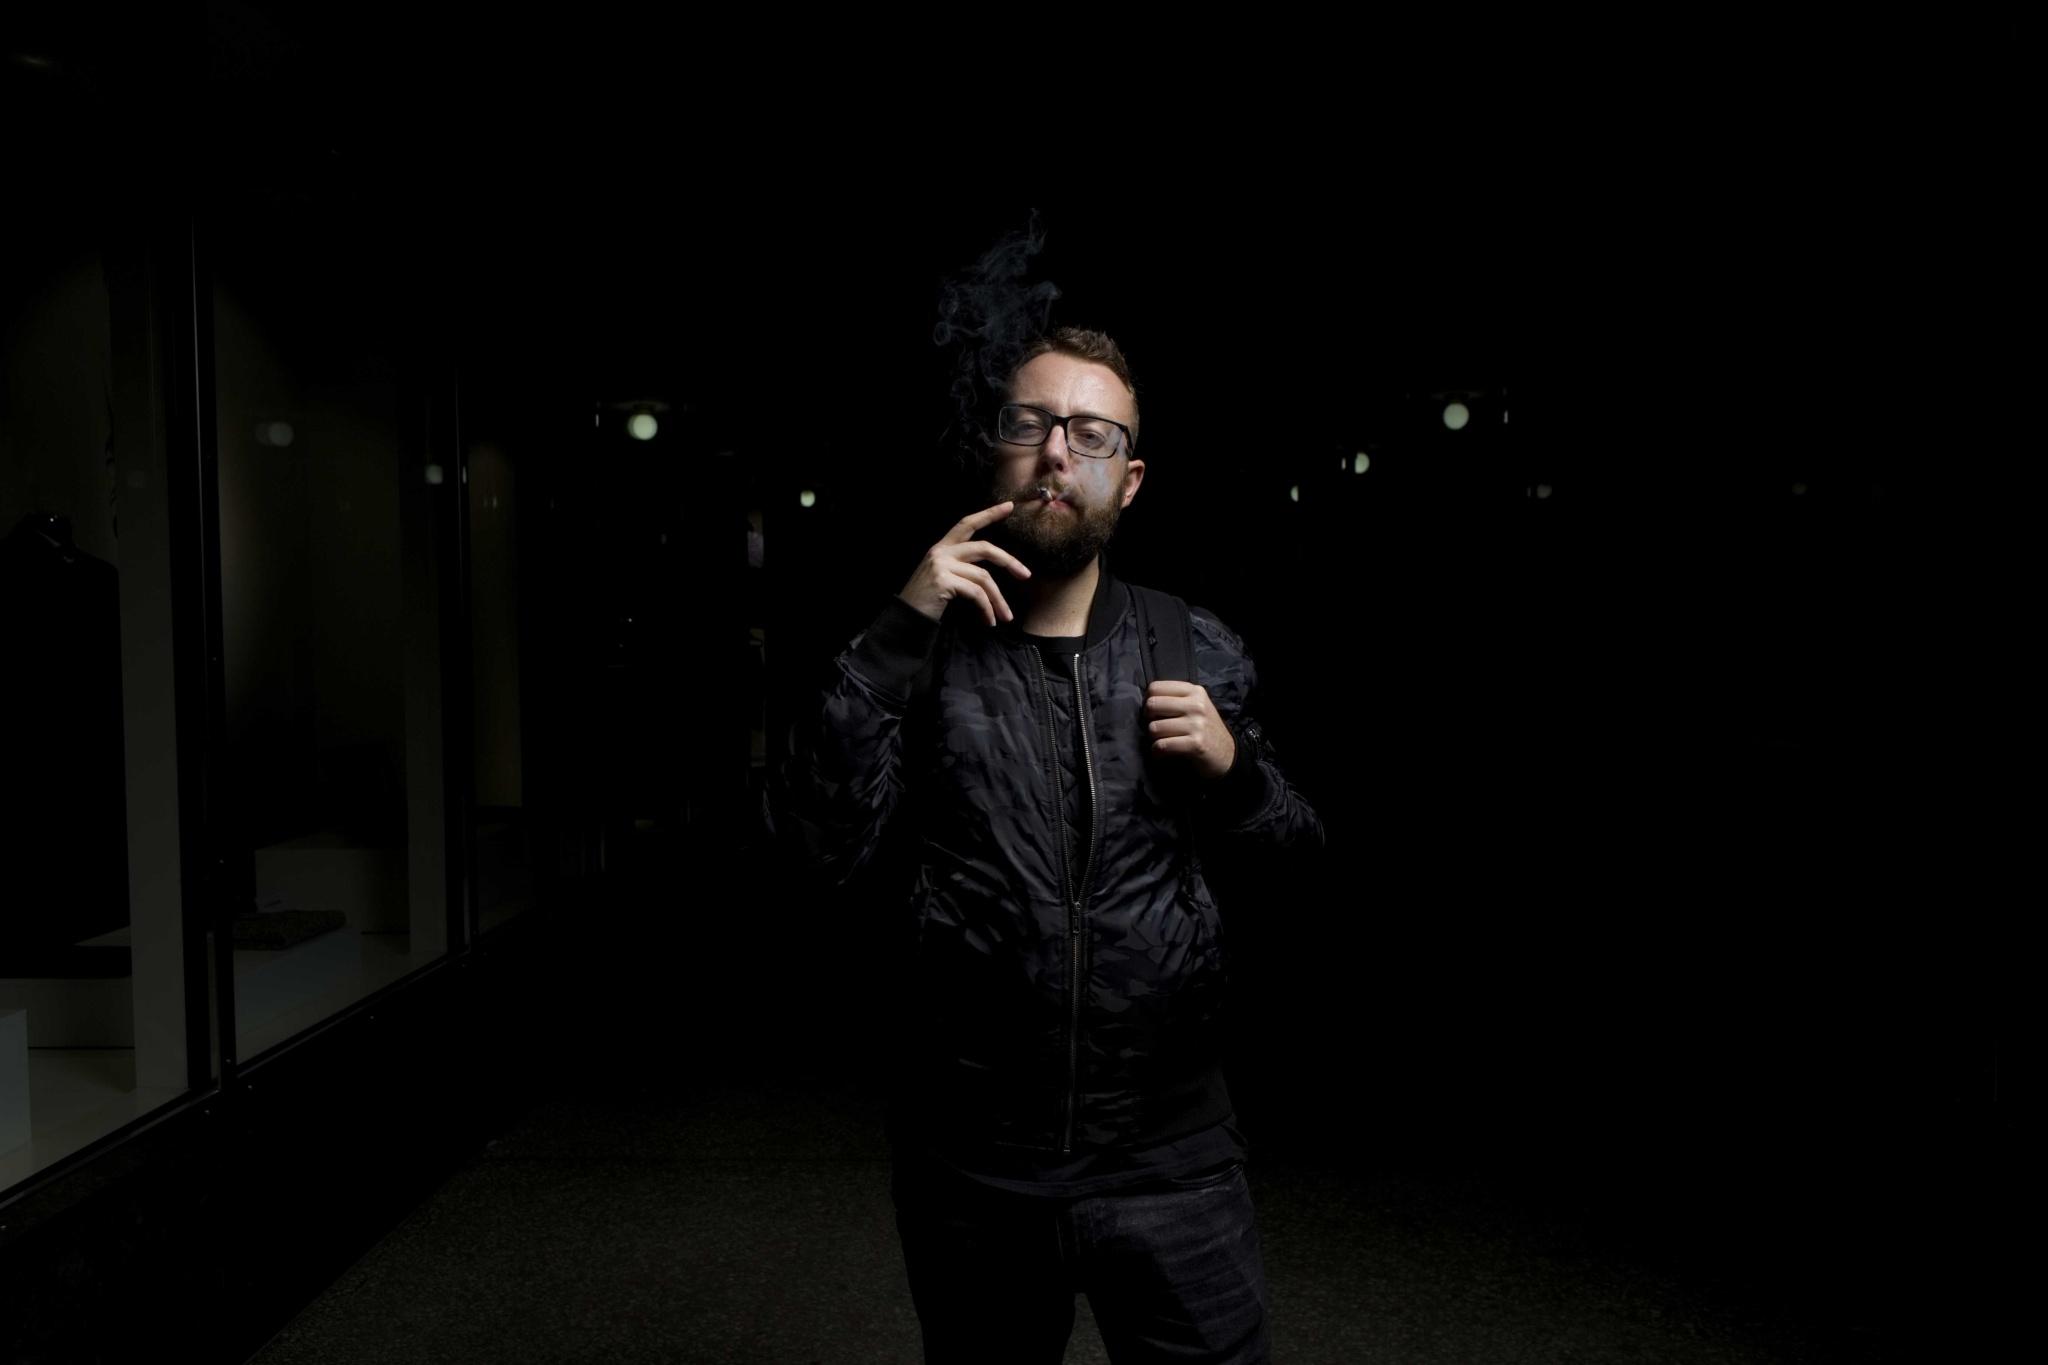 Wie fotografiert man Porträts mit Weitwinkelobjektiv? Achten Sie auf die Entfernung und wählen Sie den richtigen Winkel.